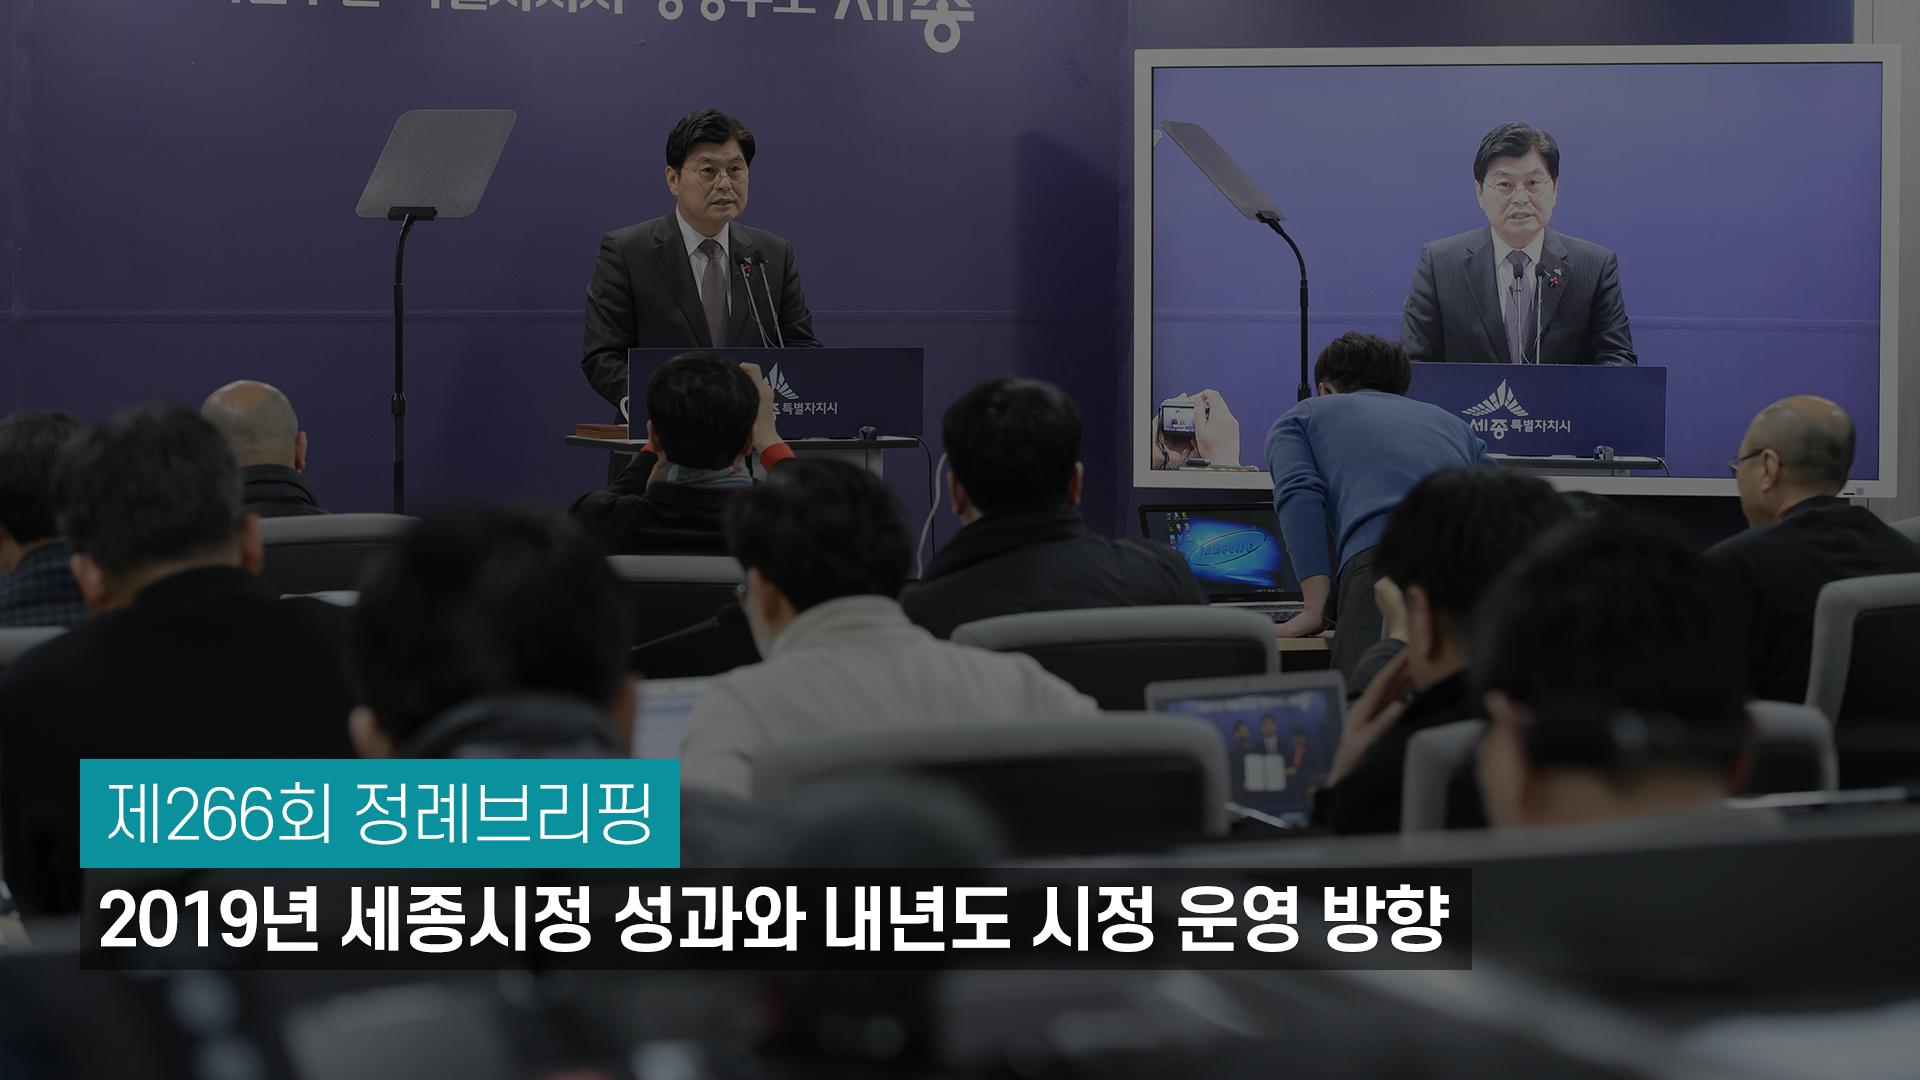 <266회 정례브리핑> 2019년 세종시정 성과와 내년도 시정 운영 방향